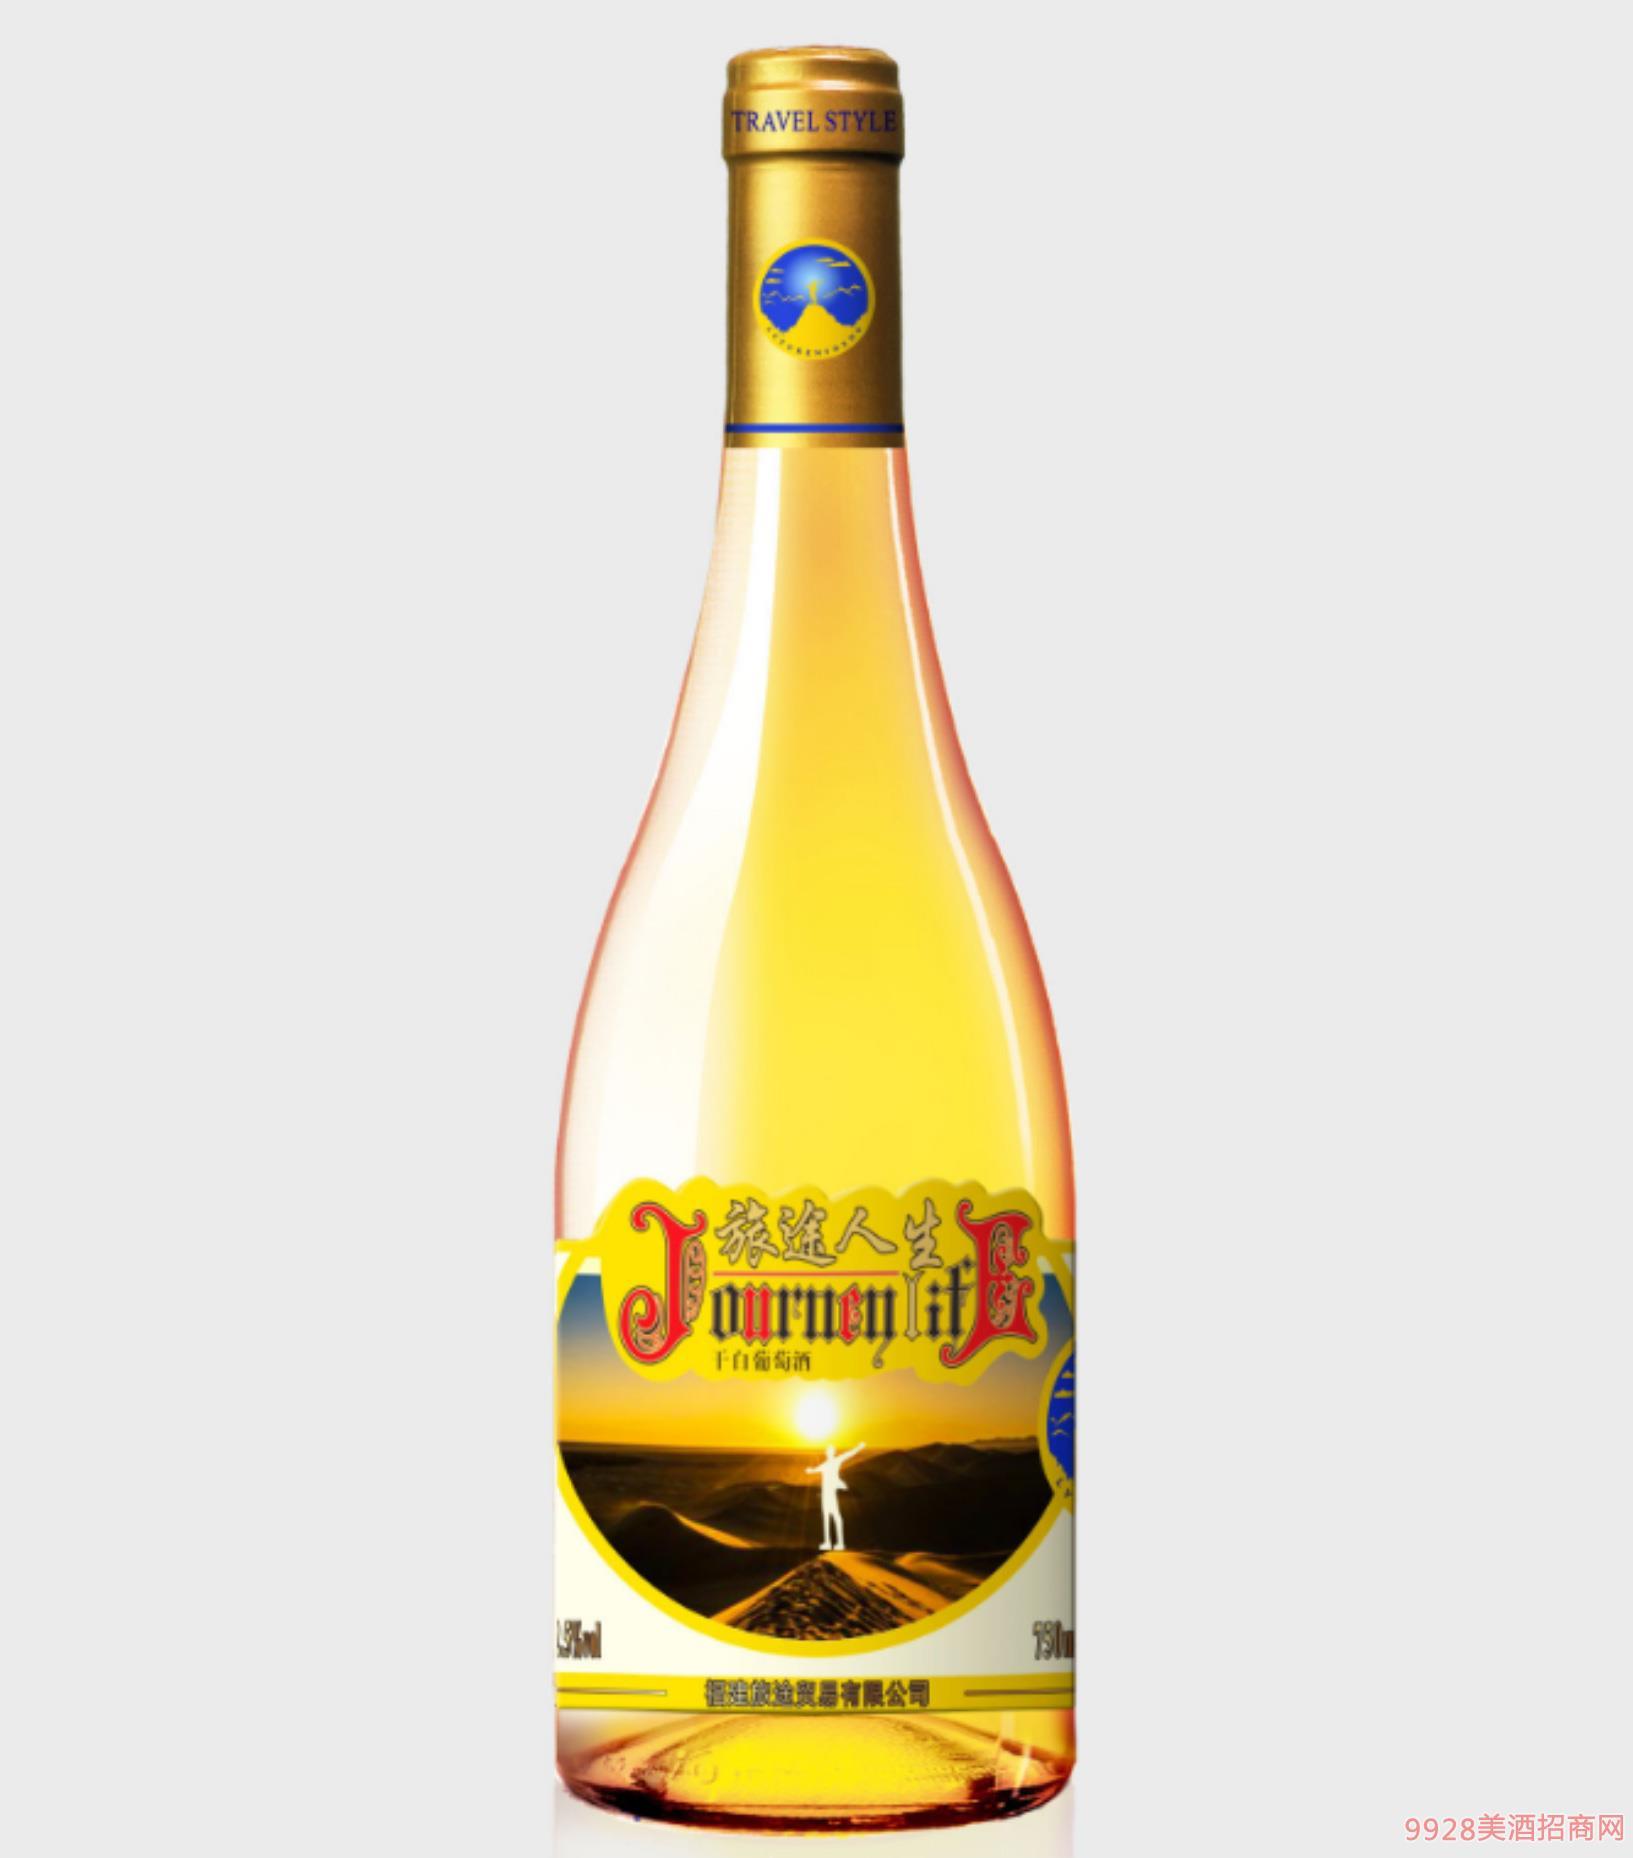 旅途人生干白葡萄酒12.5度750ml